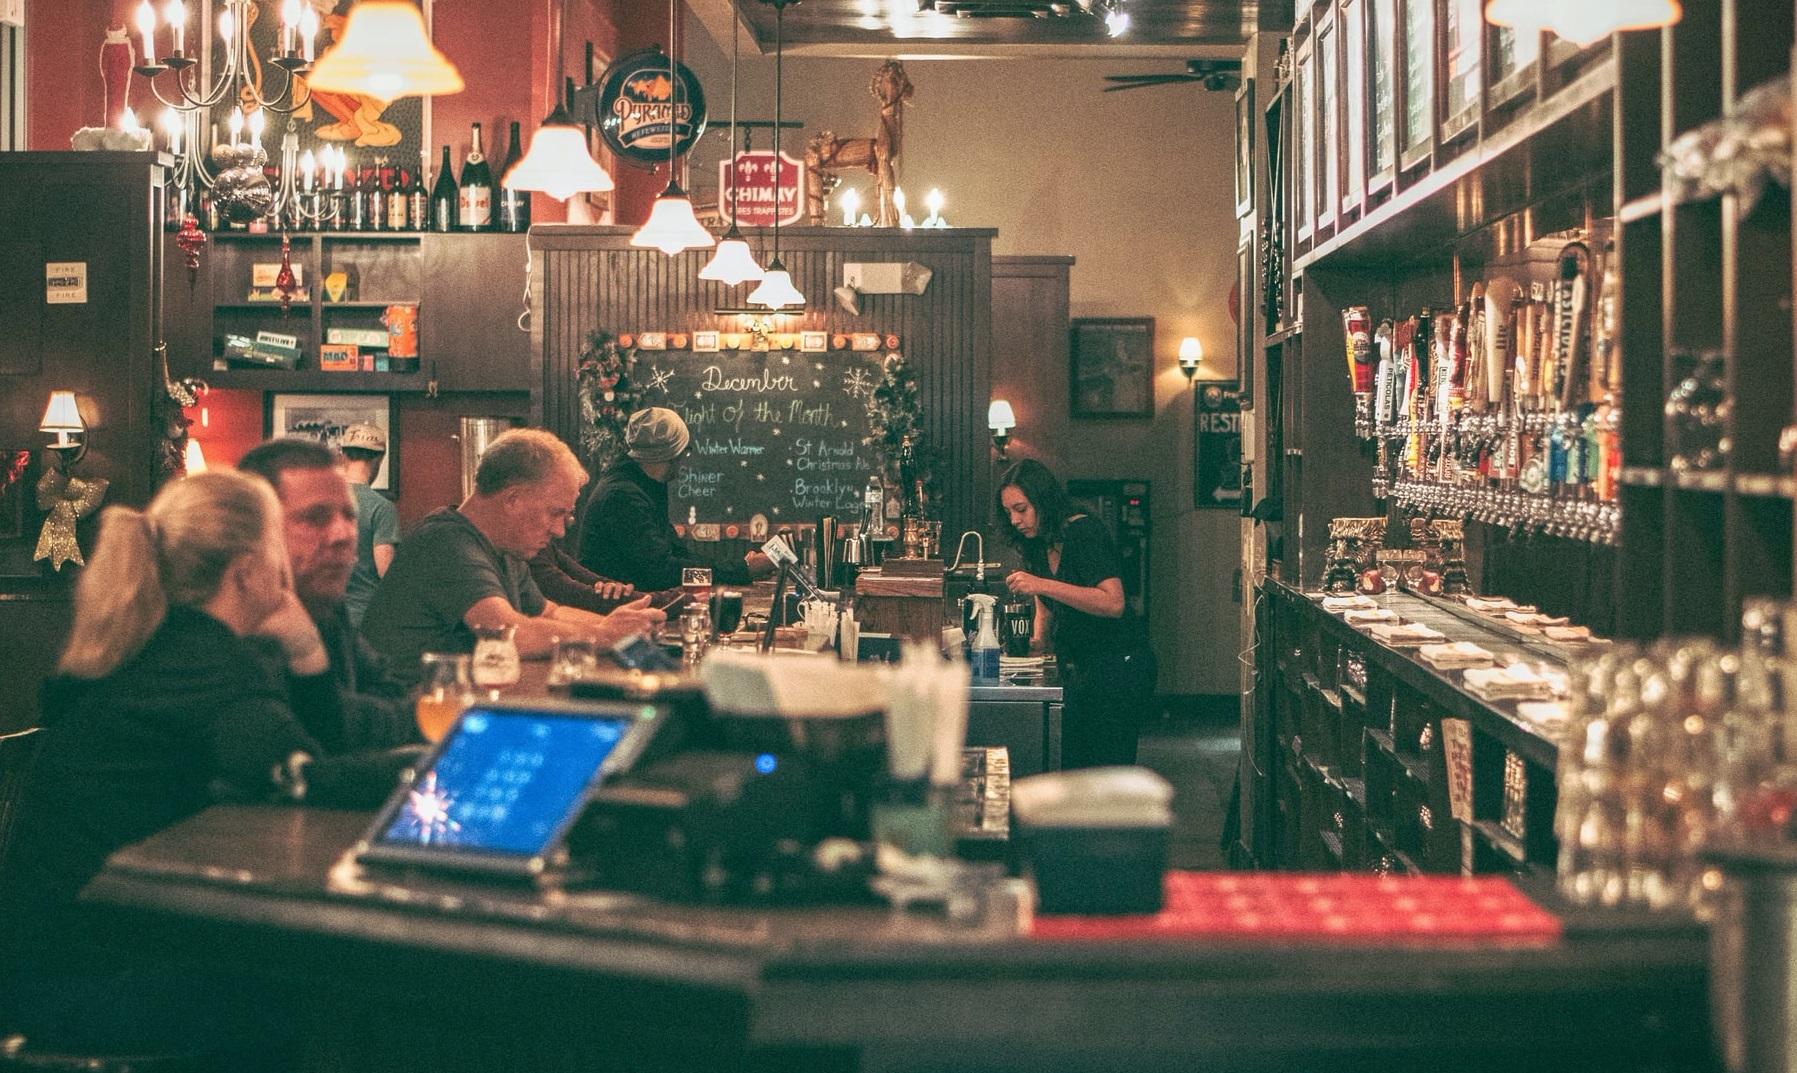 După Berlin, un alt oraș european elimină restricțiile privind barurile și restaurantele. Instanța din Toulouse a suspendat decretul